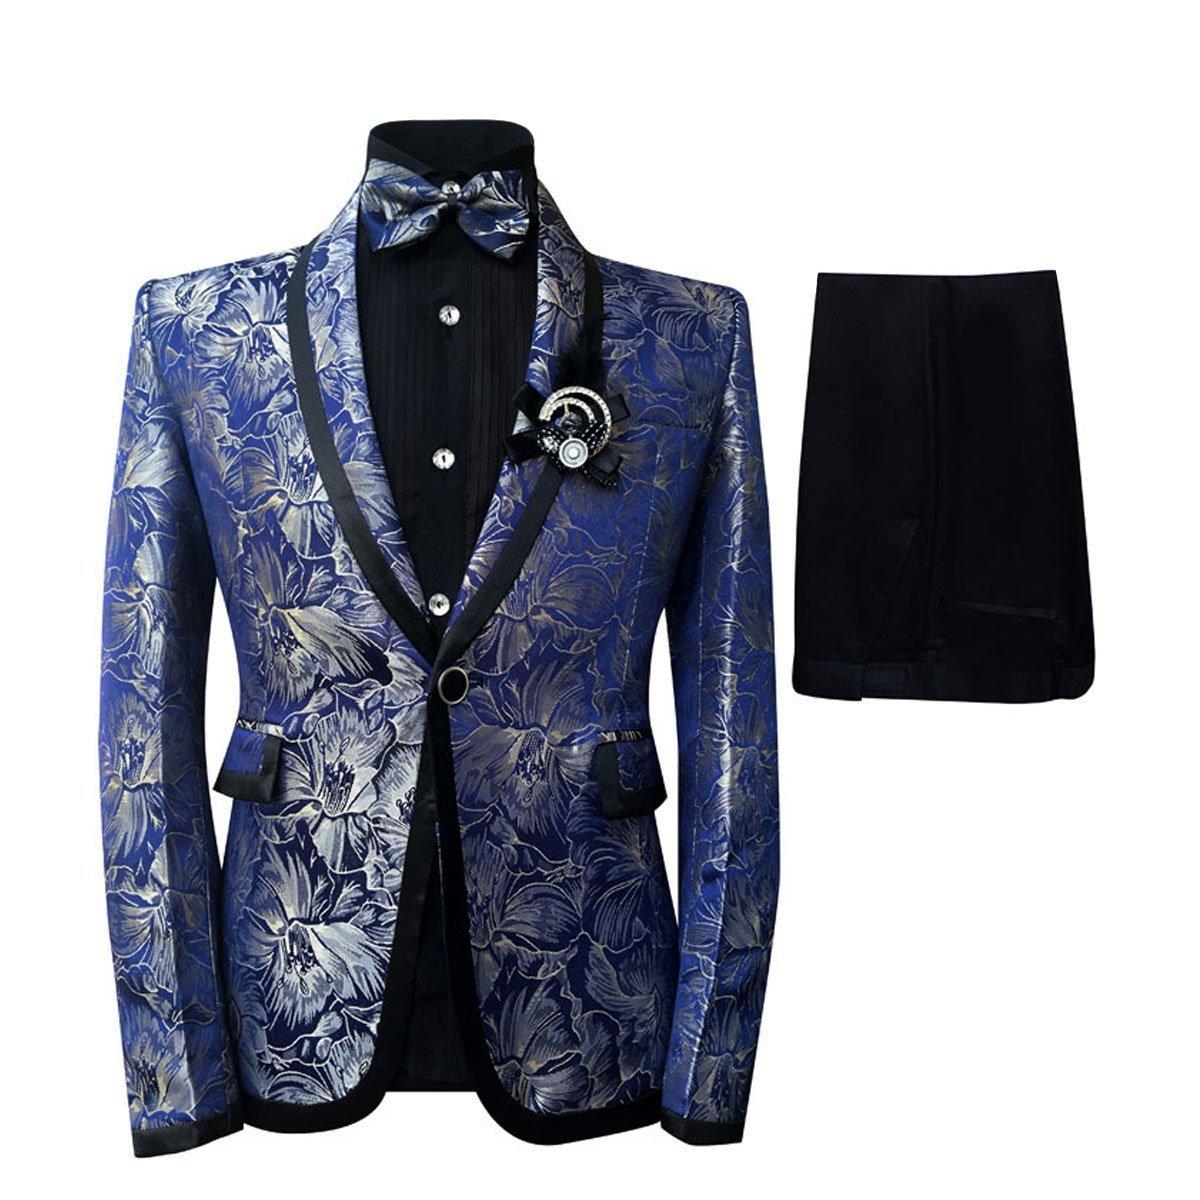 Cloudstyle Men's Plaid Tuxedo Casual Dress Suit Slim Fit Jacket & Trouser (Large)